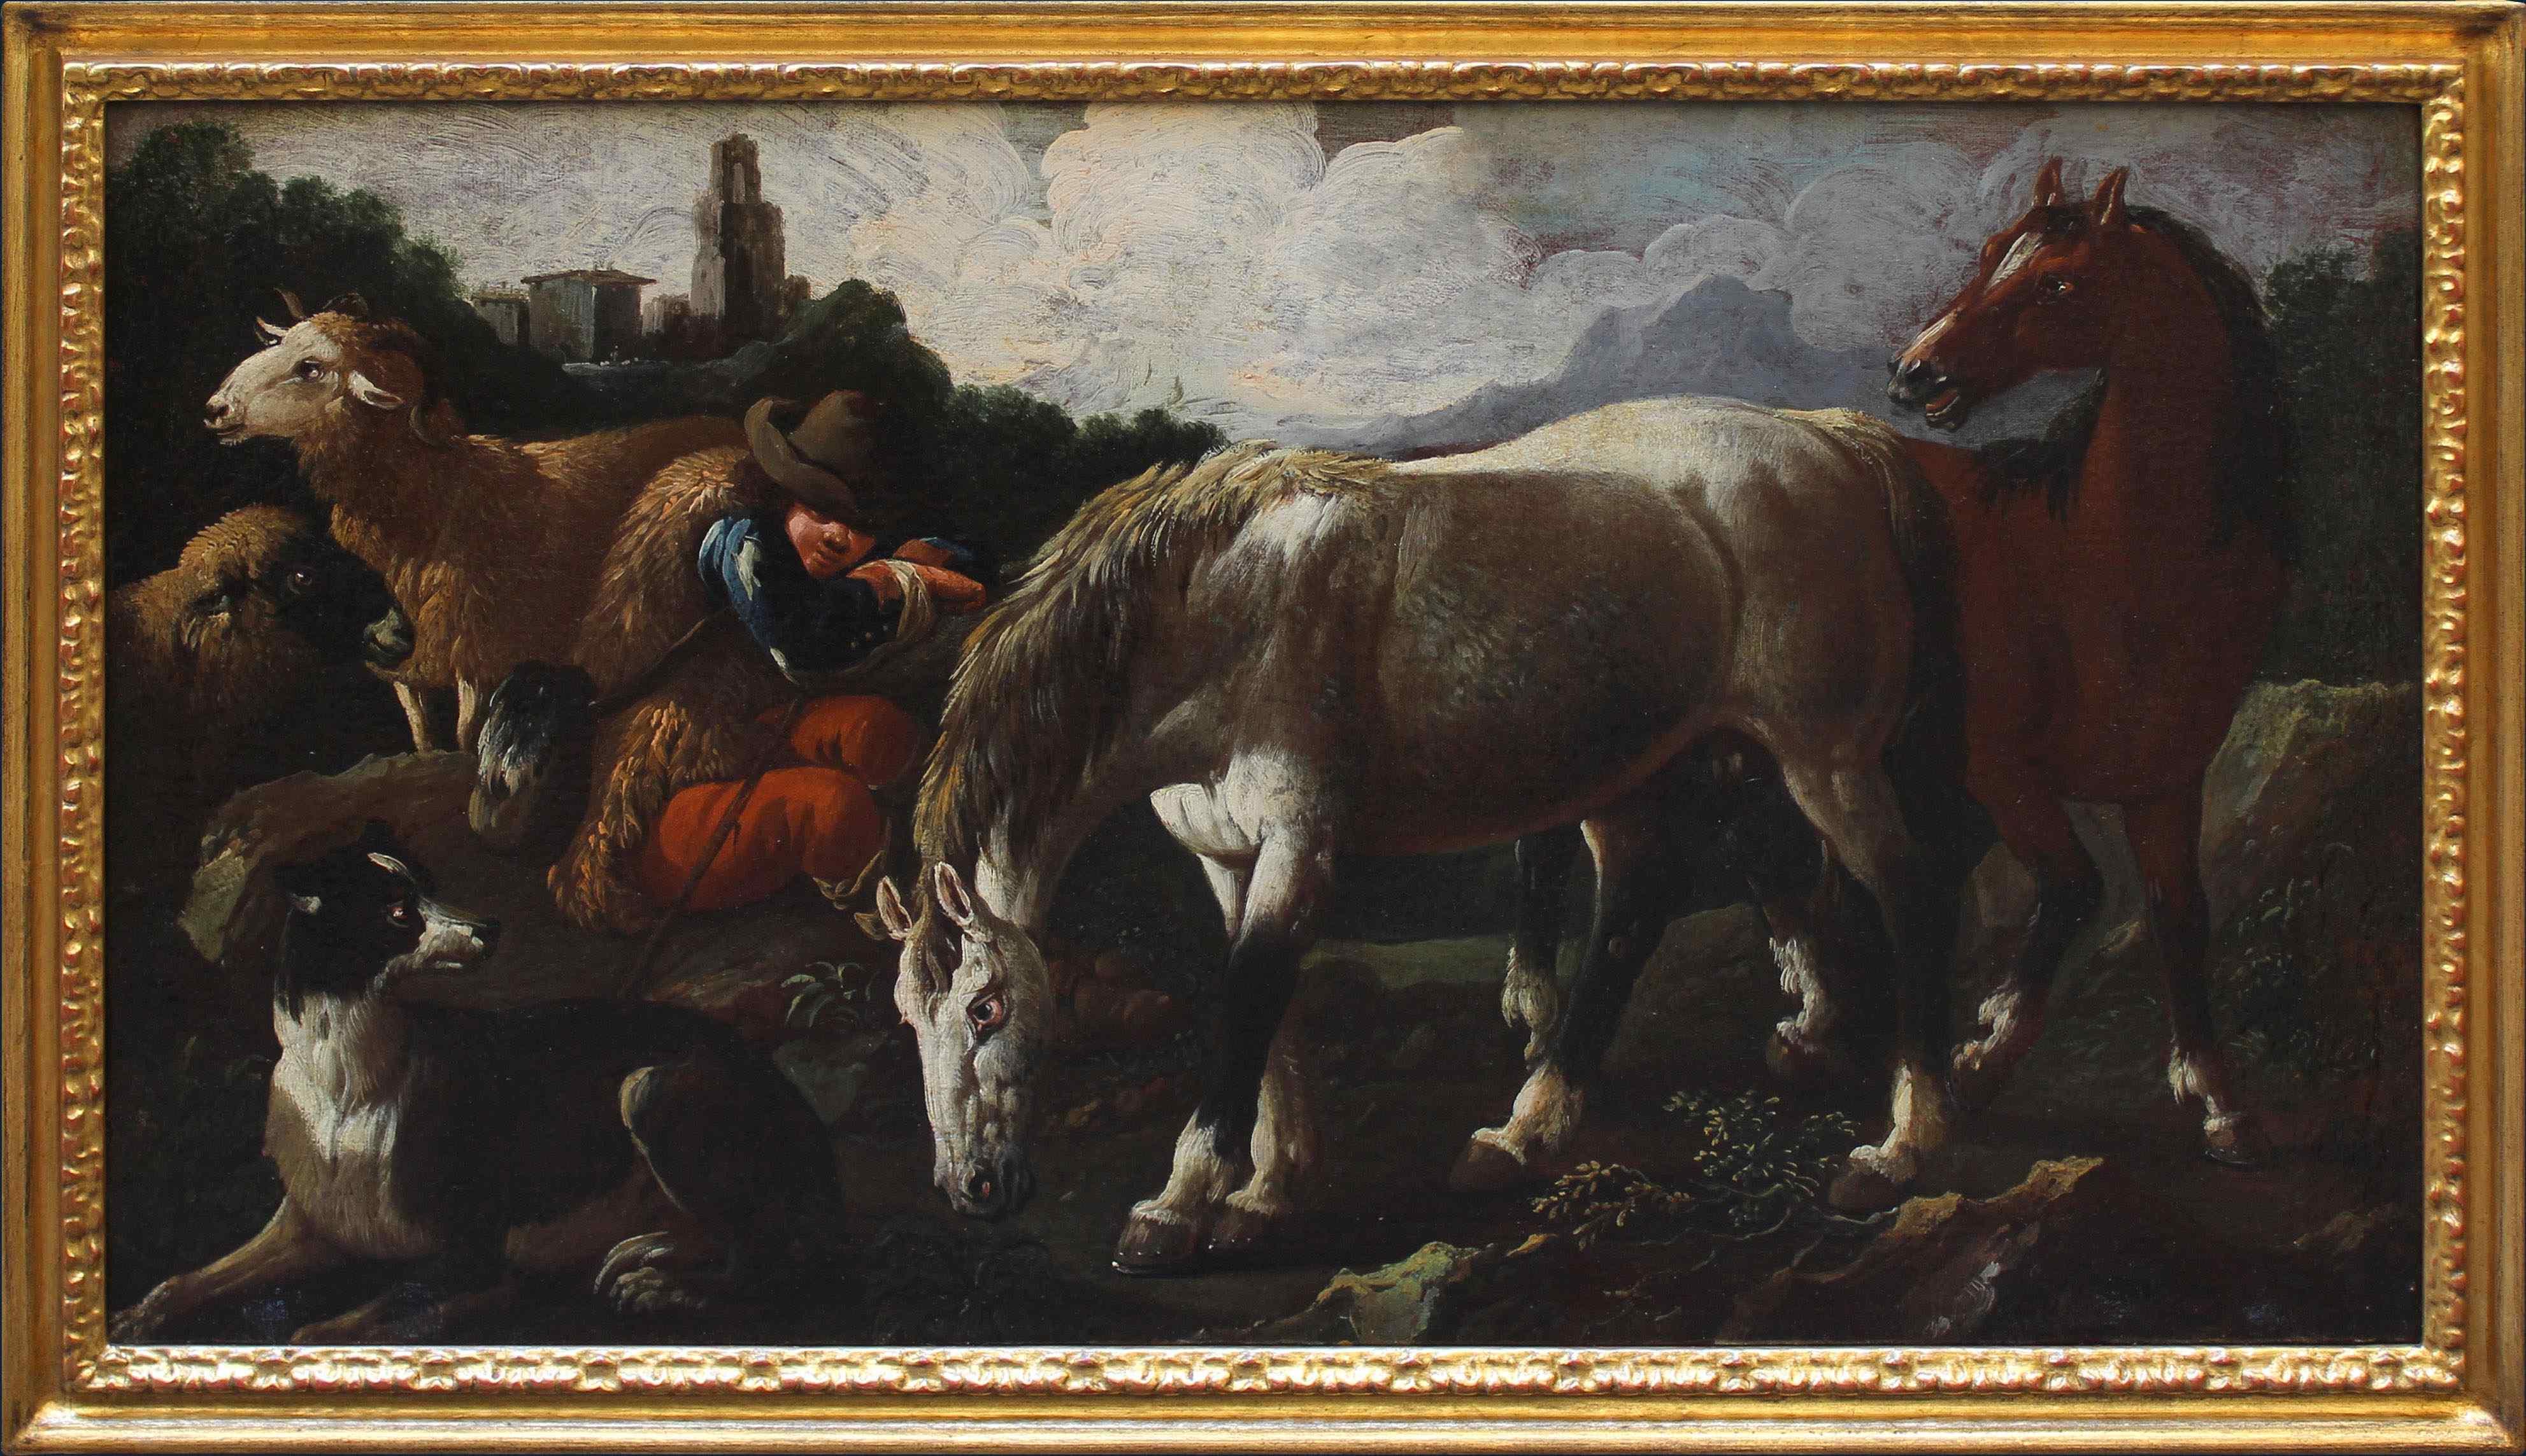 Cajetan Roos (1690 - 1770), Pastore con animali